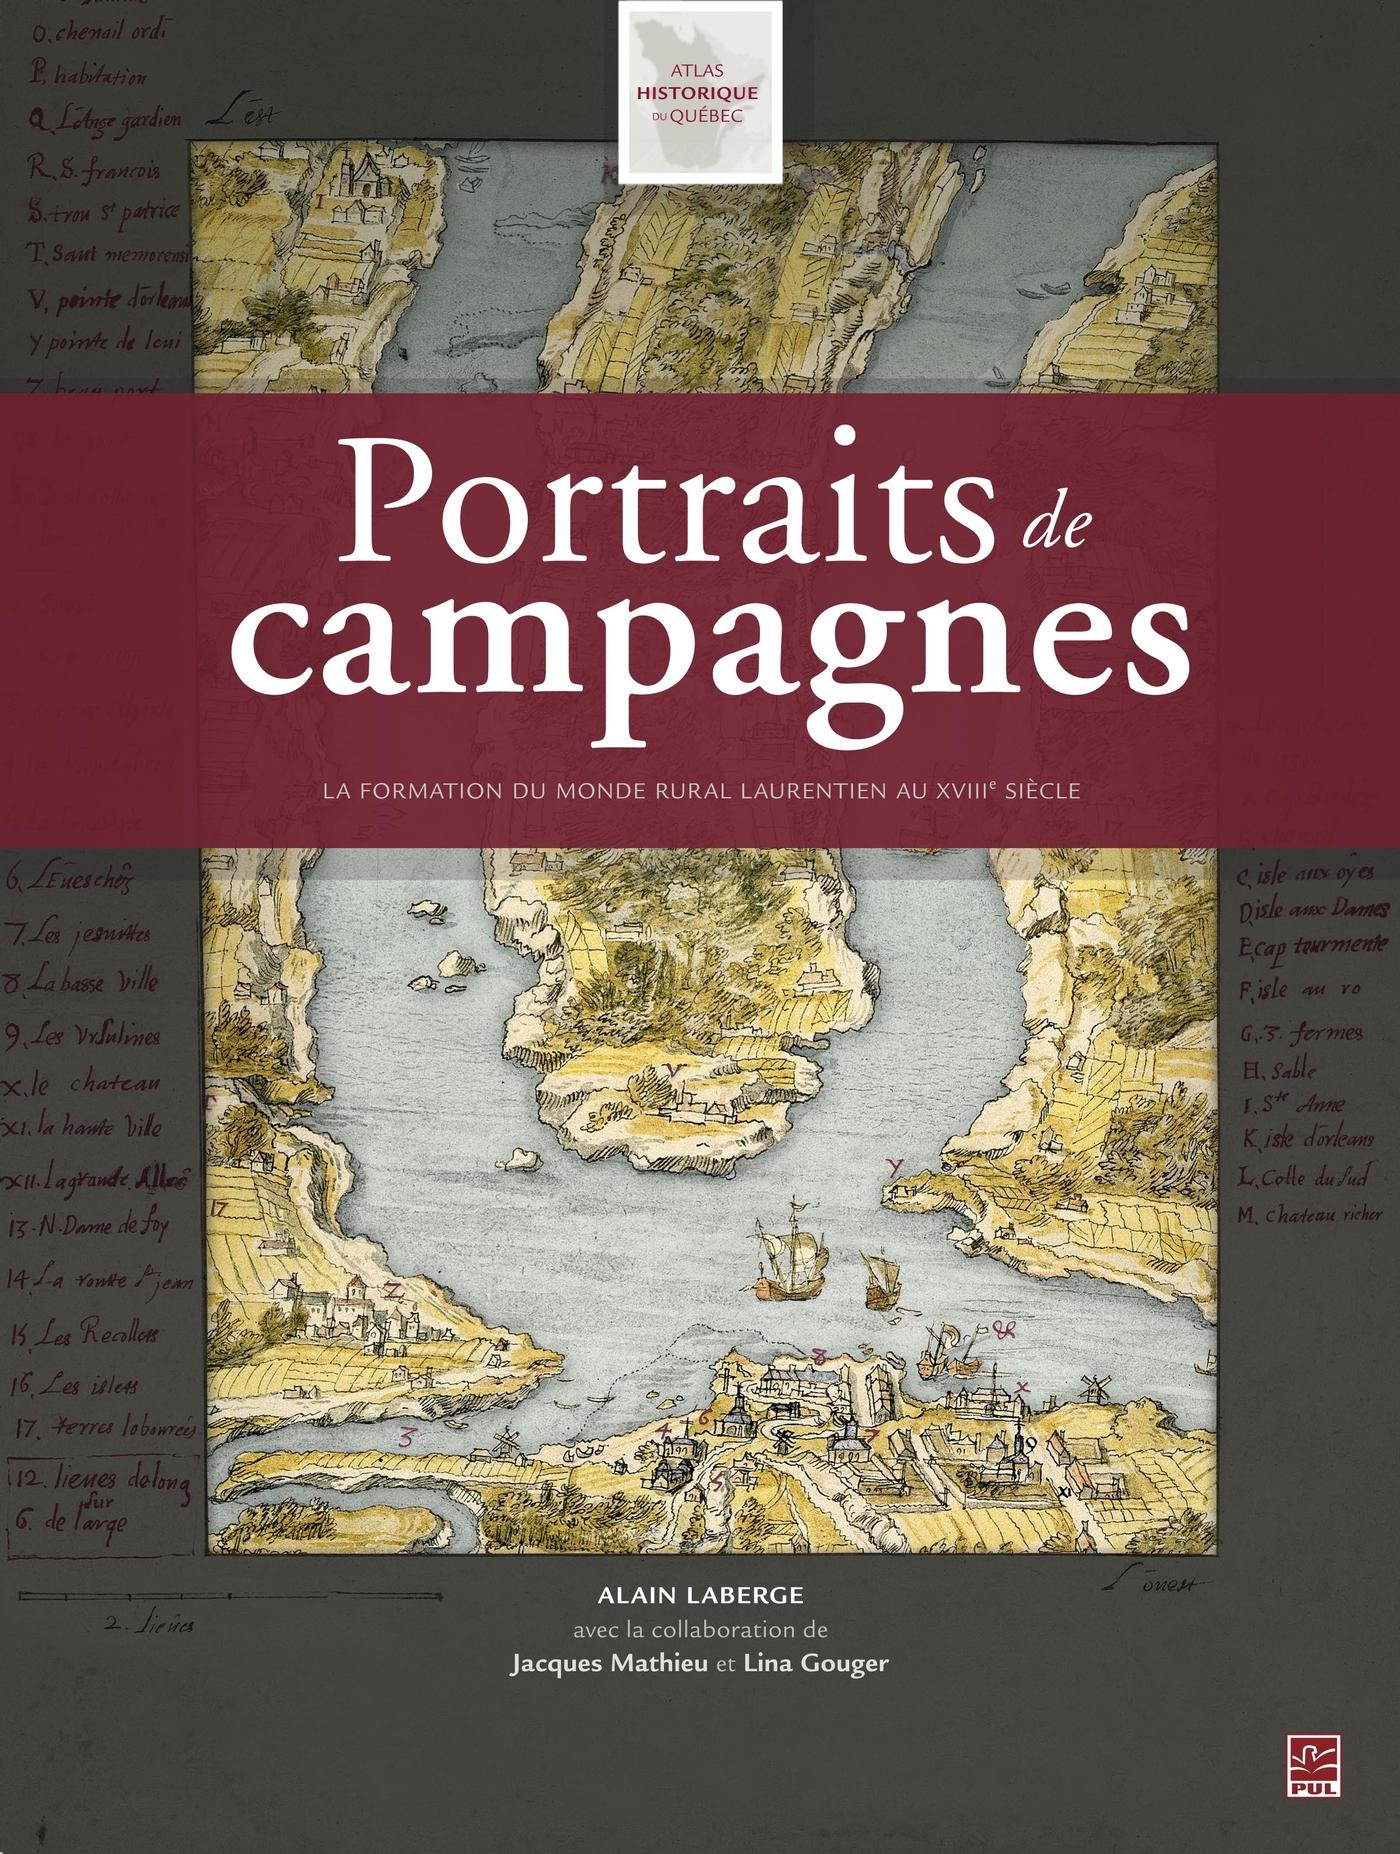 Portraits de campagnes